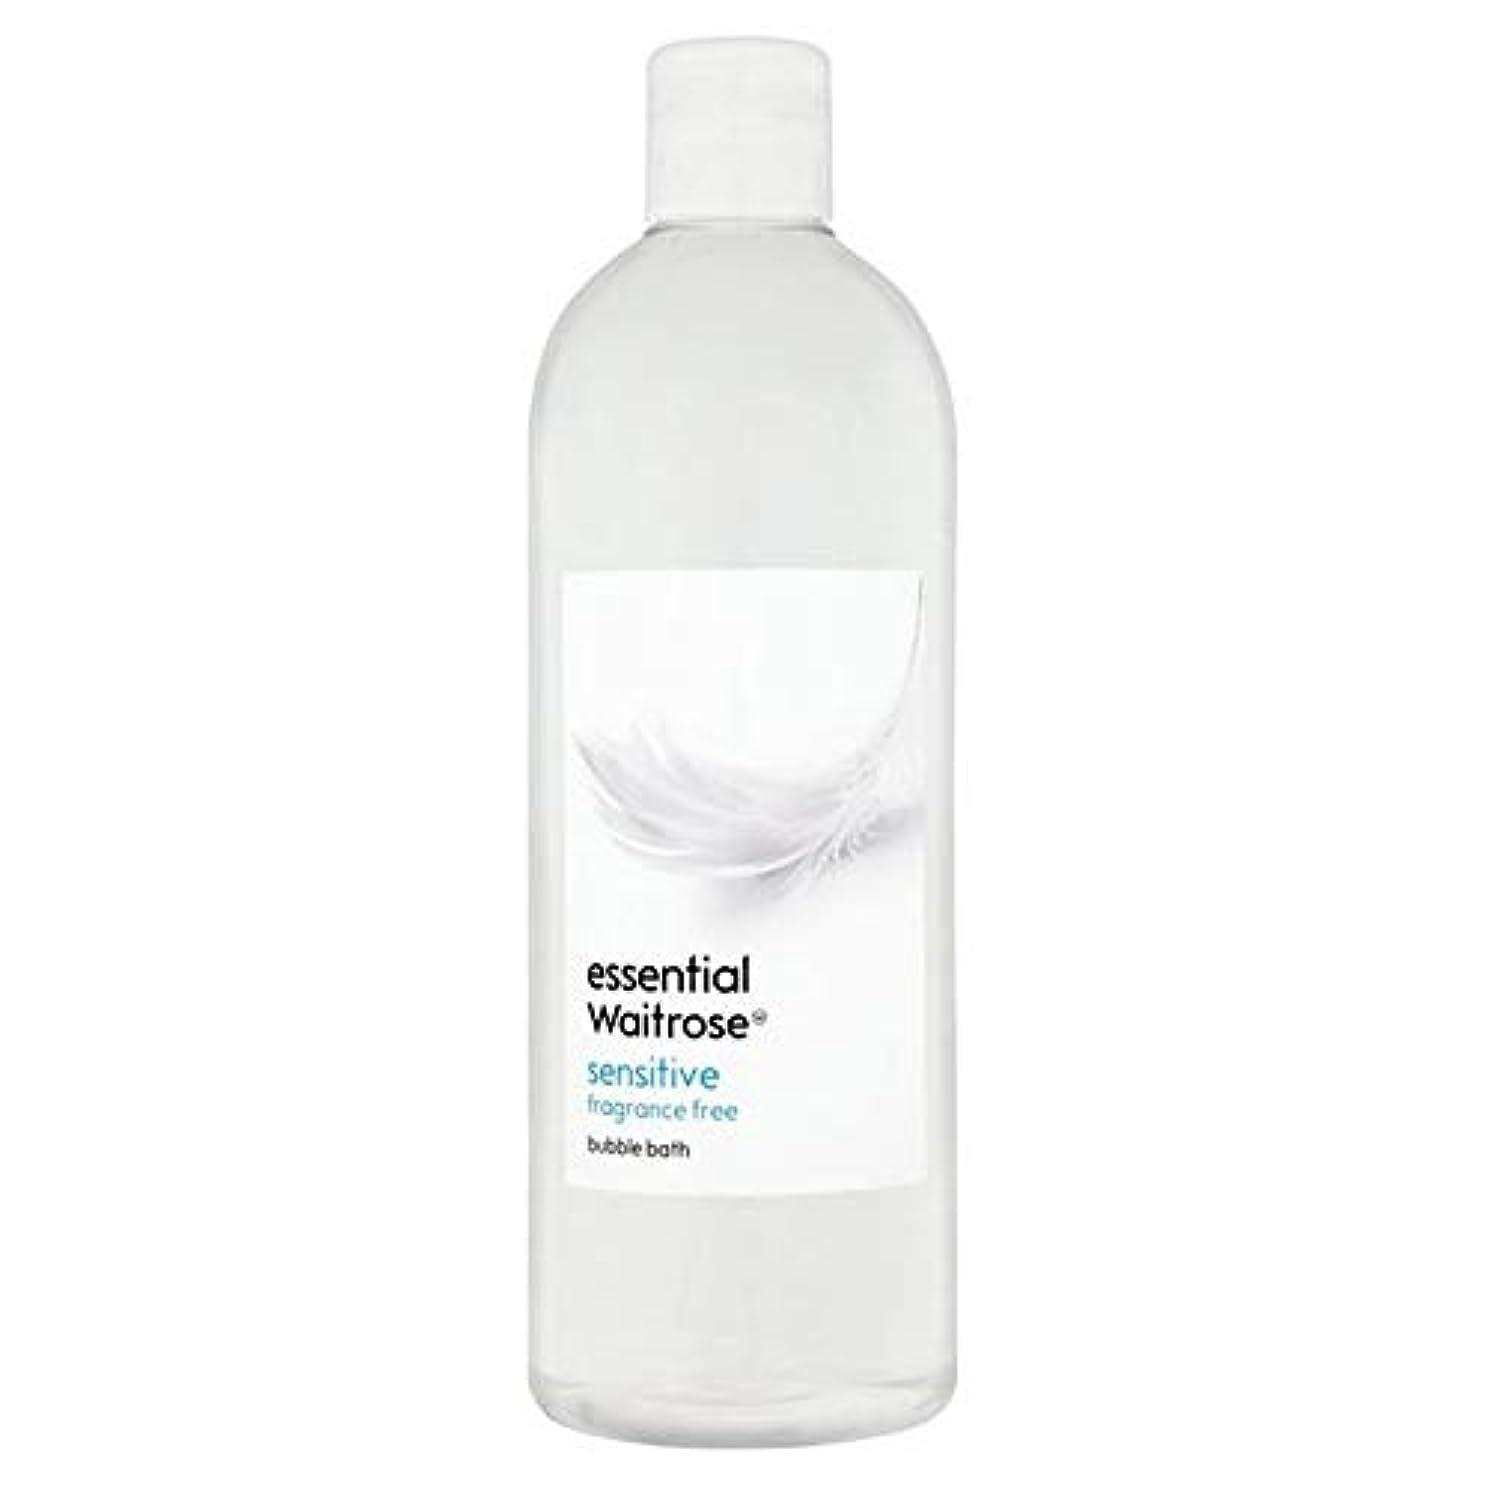 十二狭い液化する[Waitrose ] 基本的なウェイトローズ泡風呂に敏感な750ミリリットル - Essential Waitrose Bubble Bath Sensitive 750ml [並行輸入品]